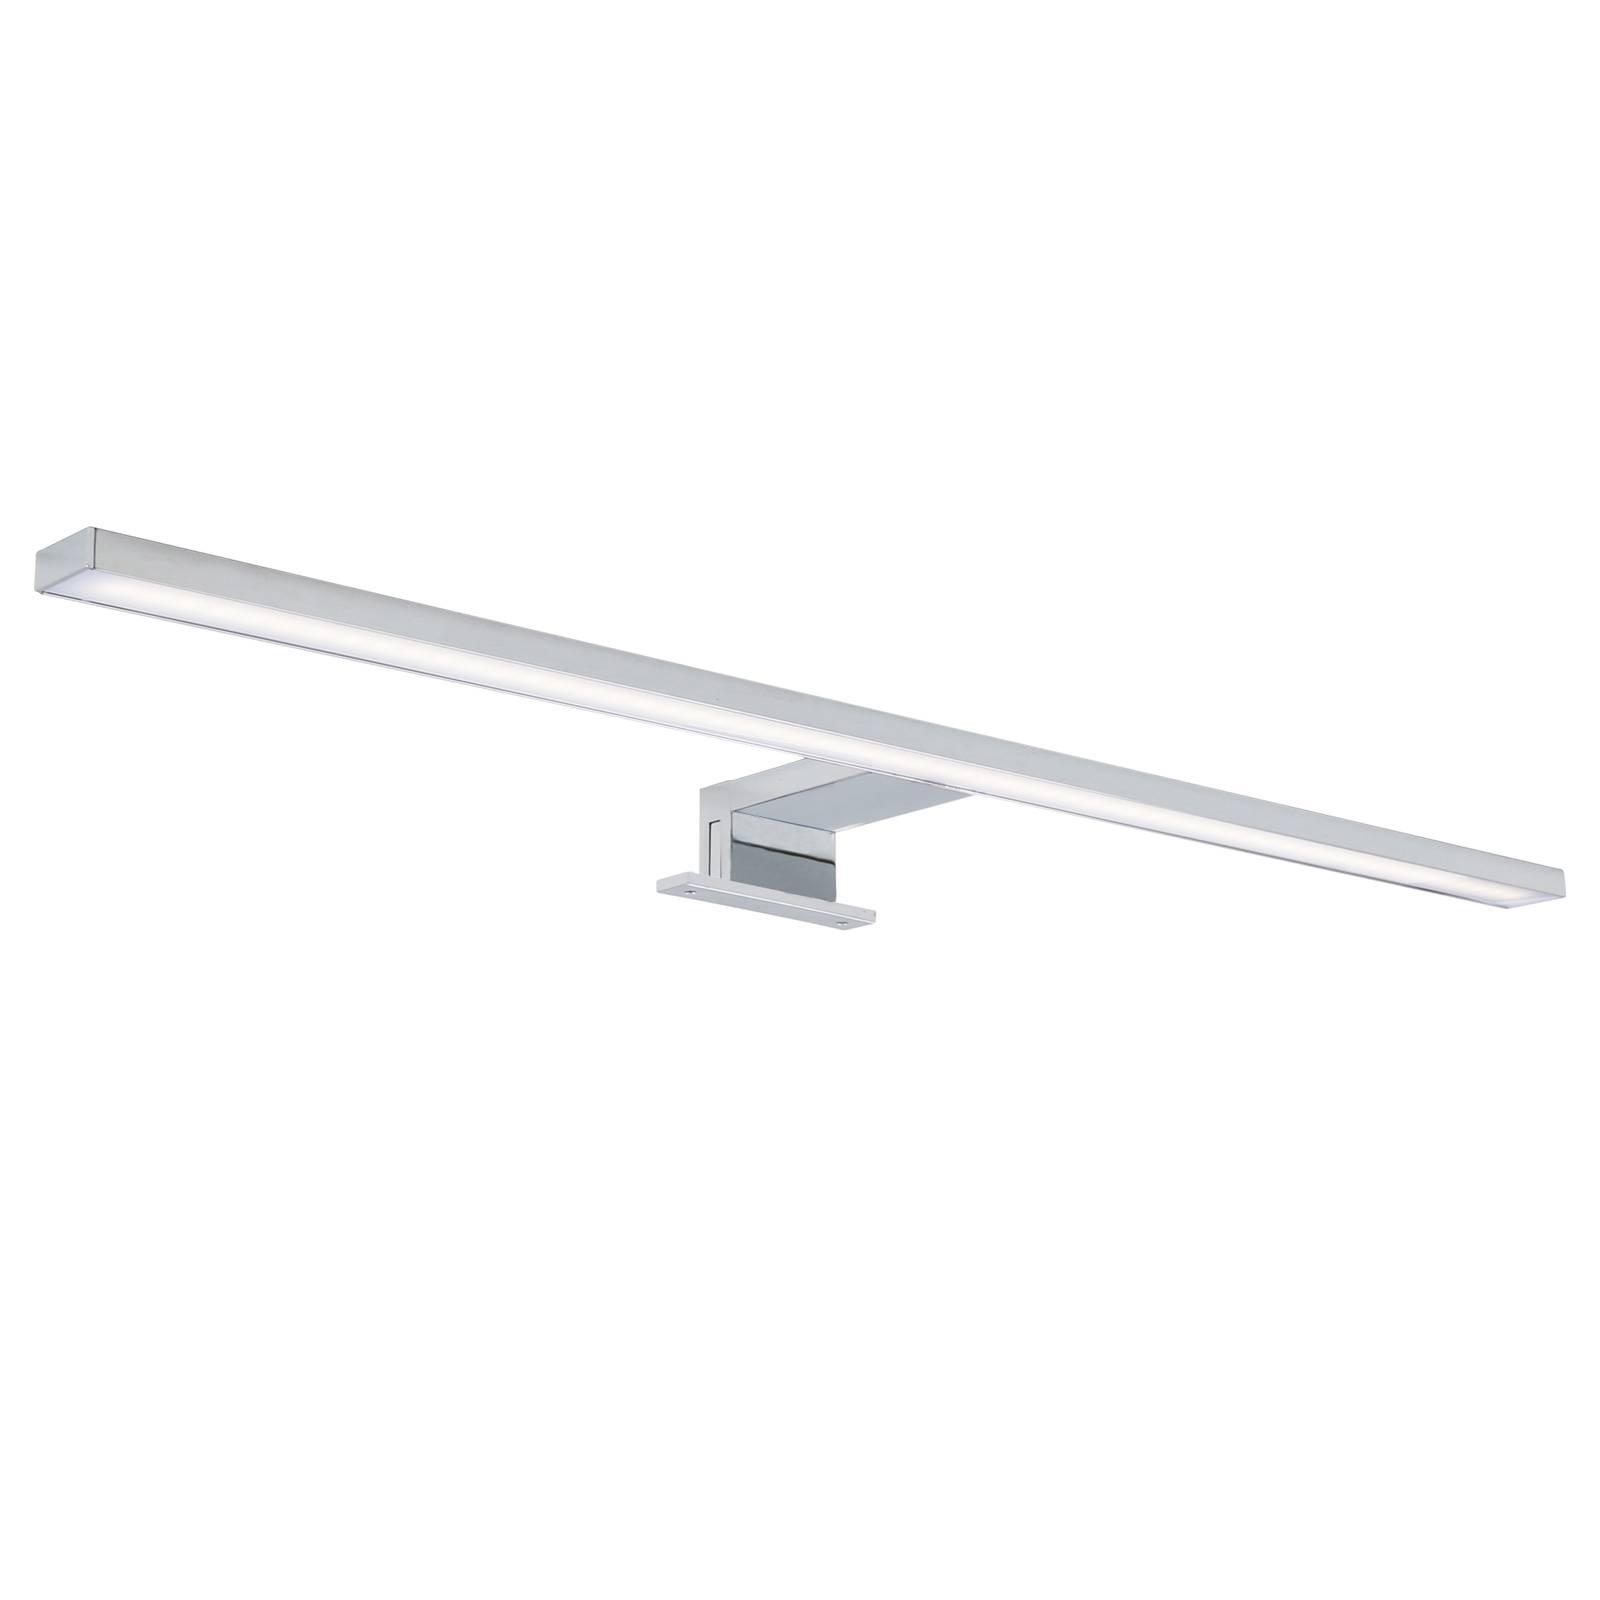 Applique pour miroir LED 2104 60cm